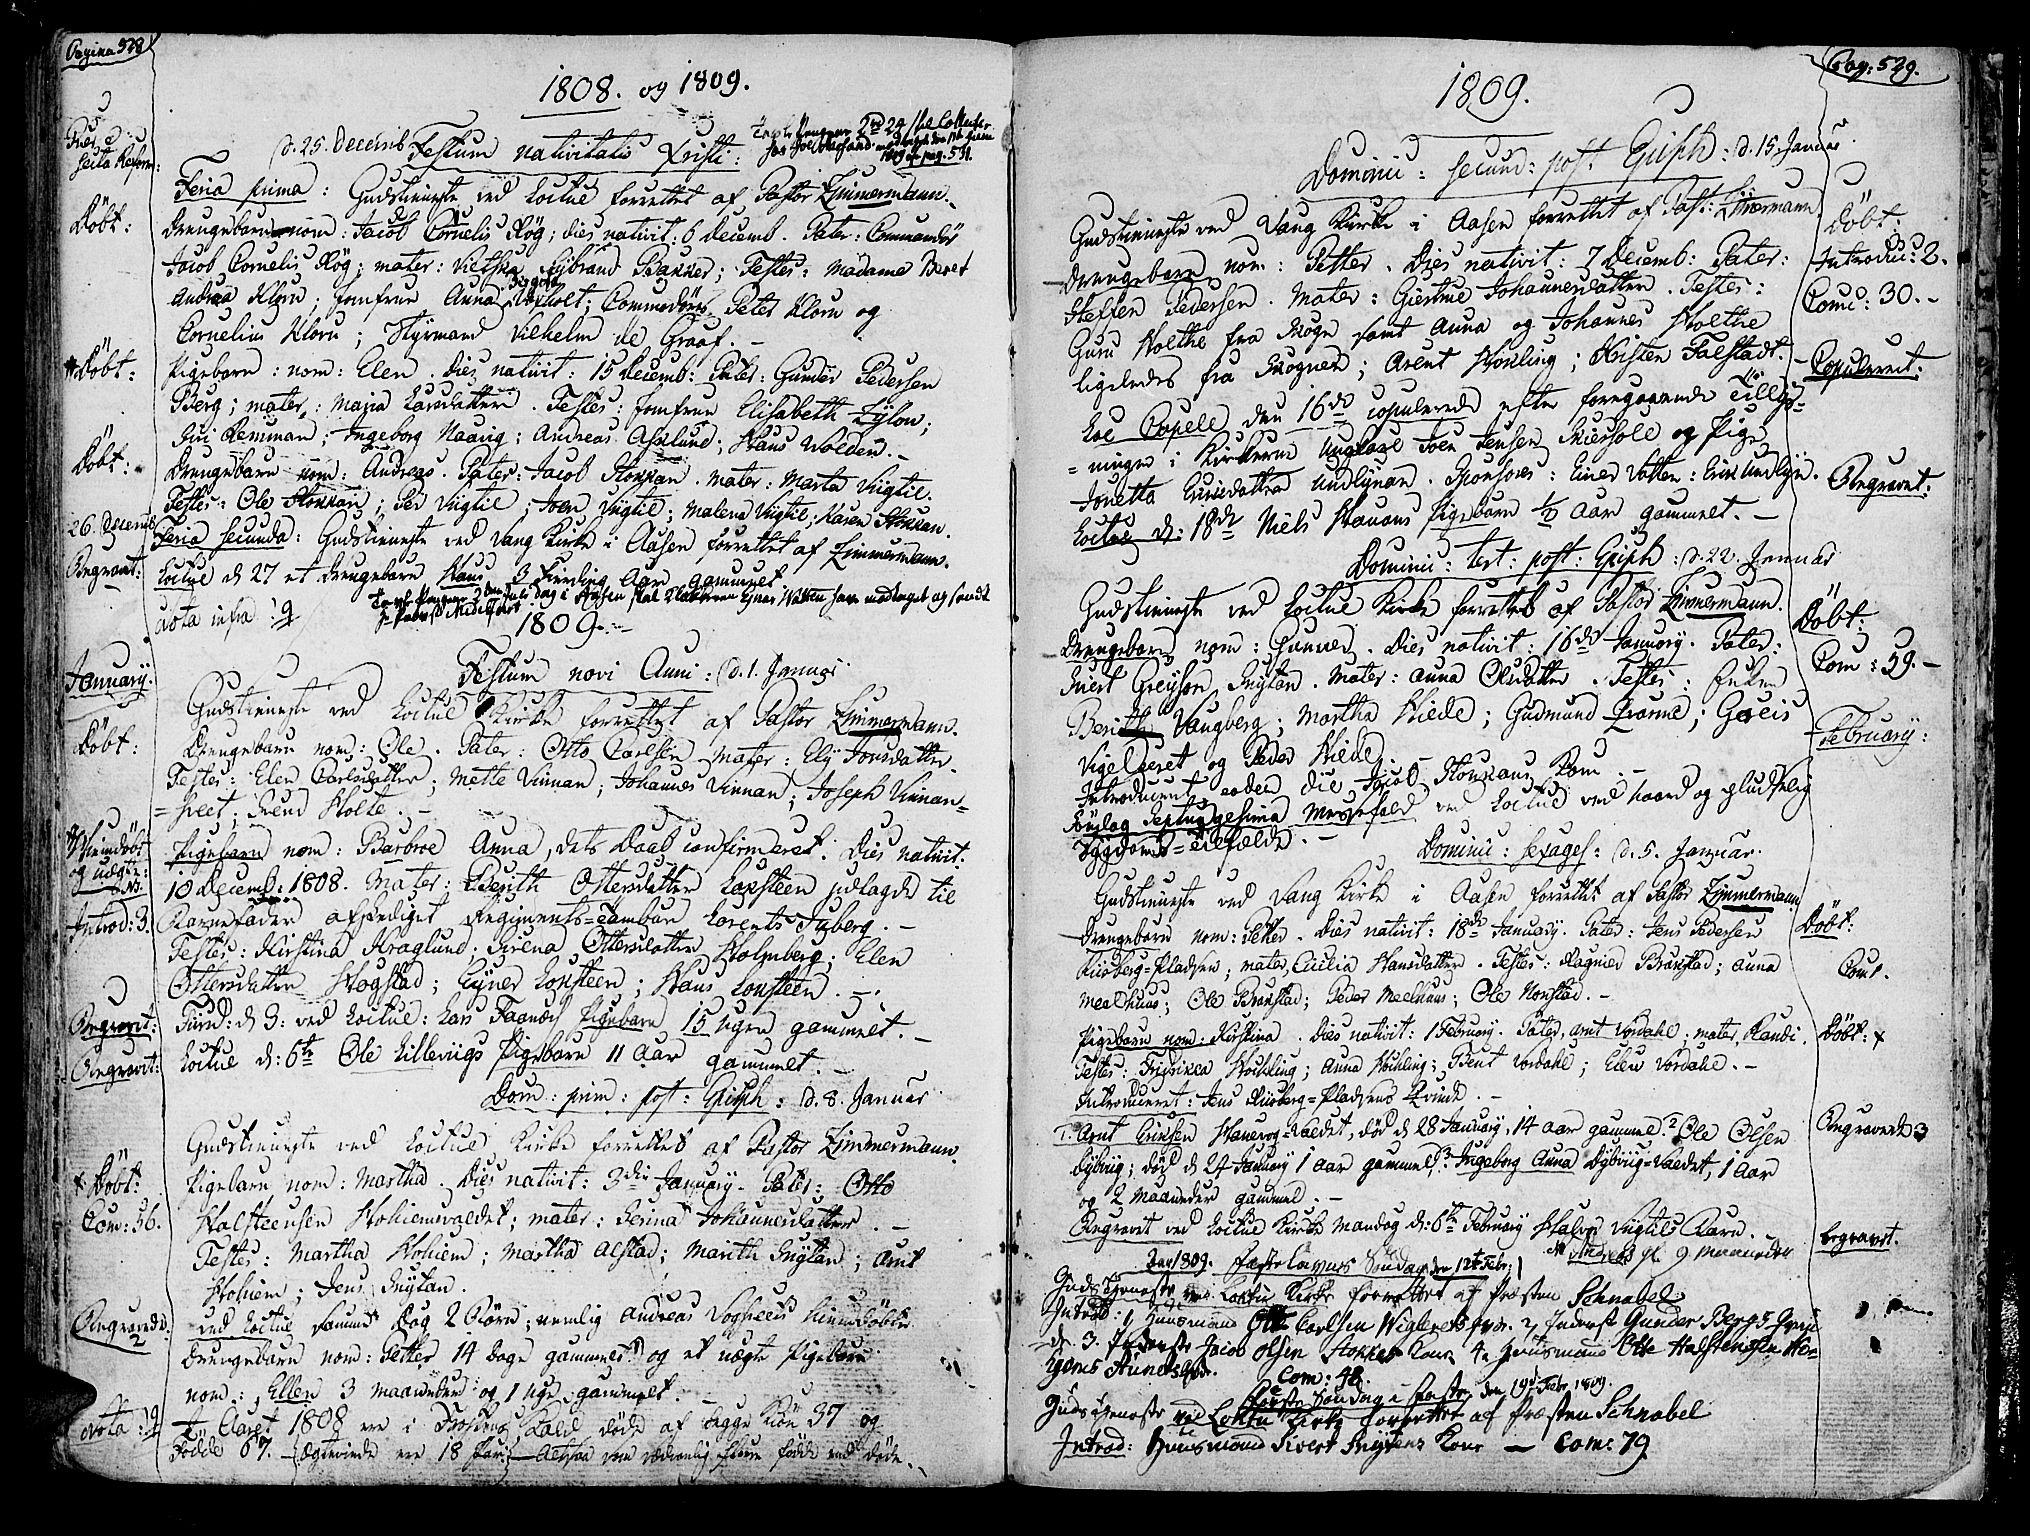 SAT, Ministerialprotokoller, klokkerbøker og fødselsregistre - Nord-Trøndelag, 713/L0110: Ministerialbok nr. 713A02, 1778-1811, s. 528-529